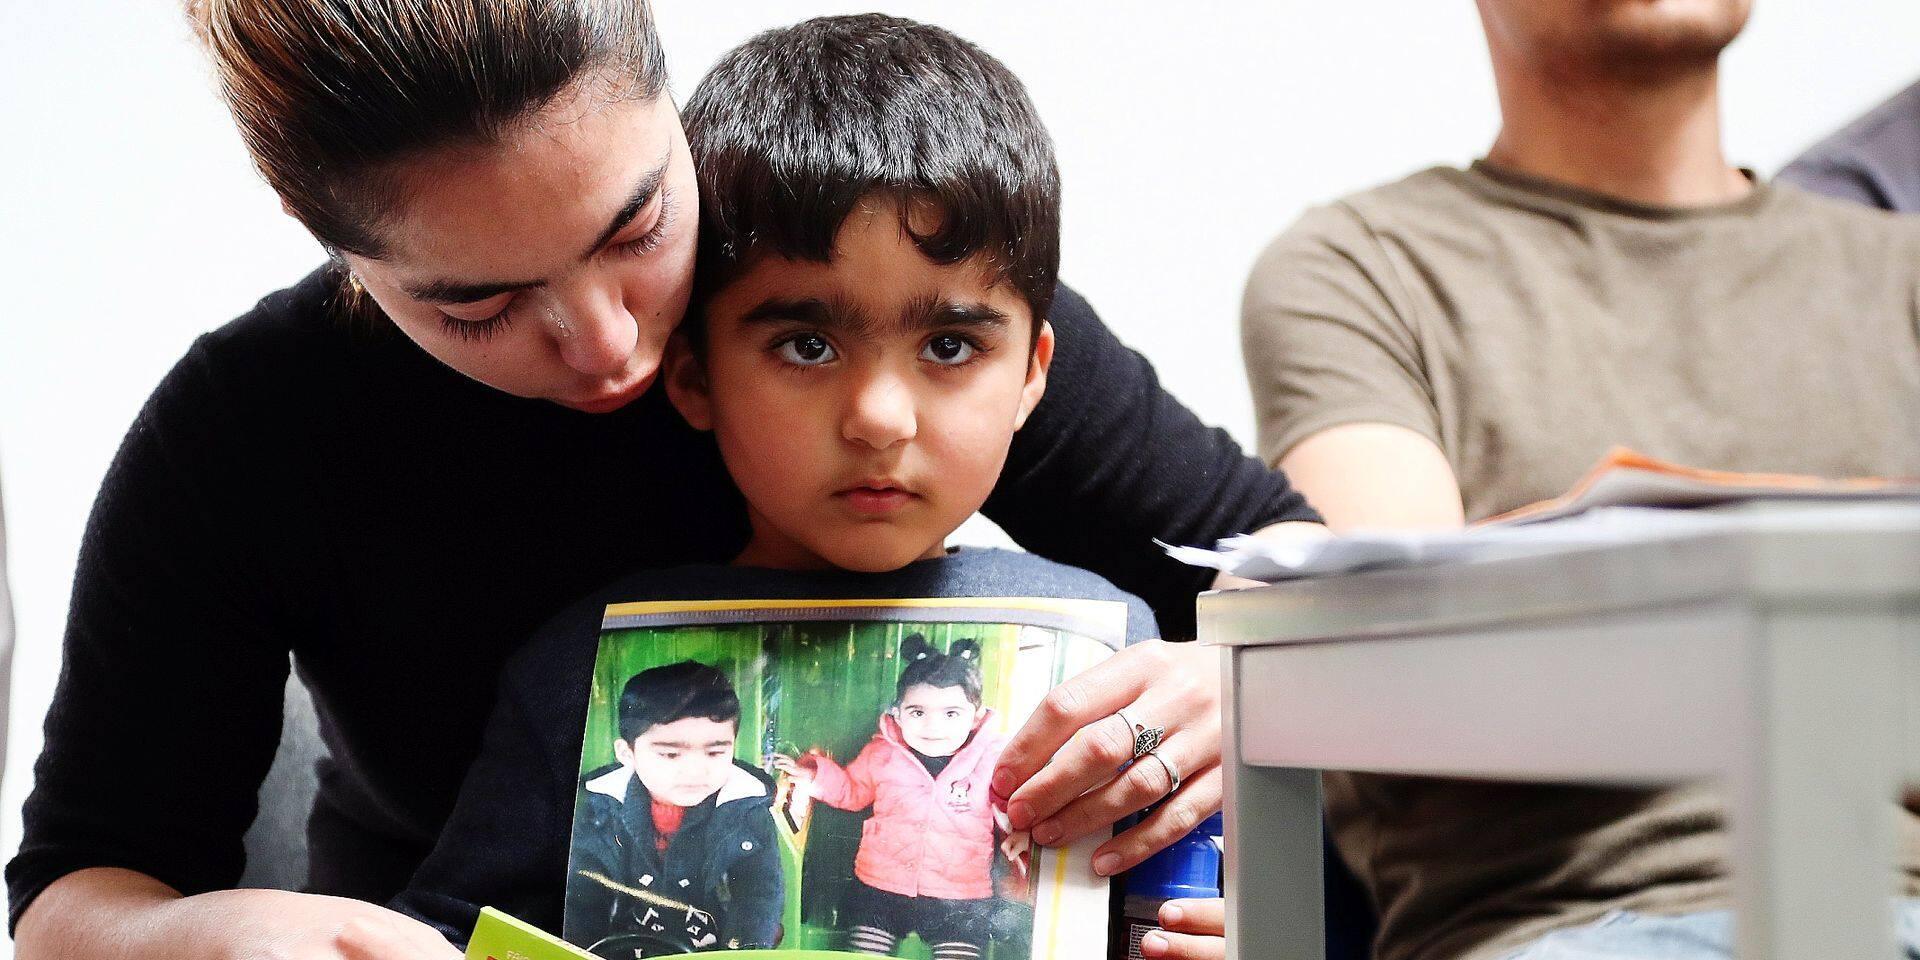 Les parents de Mawda, la petite Kurde morte lors d'une course-poursuite, brisent le silence